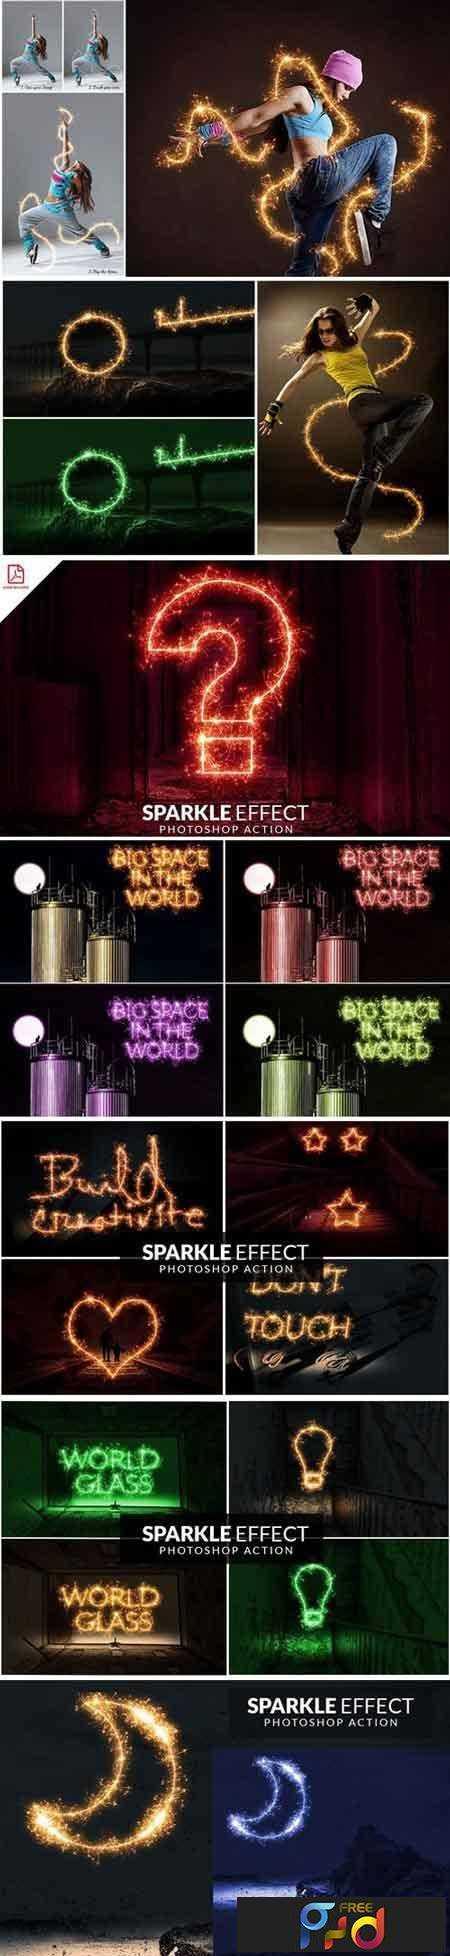 1706236 Sparkle Effect Photoshop action 1871076 1